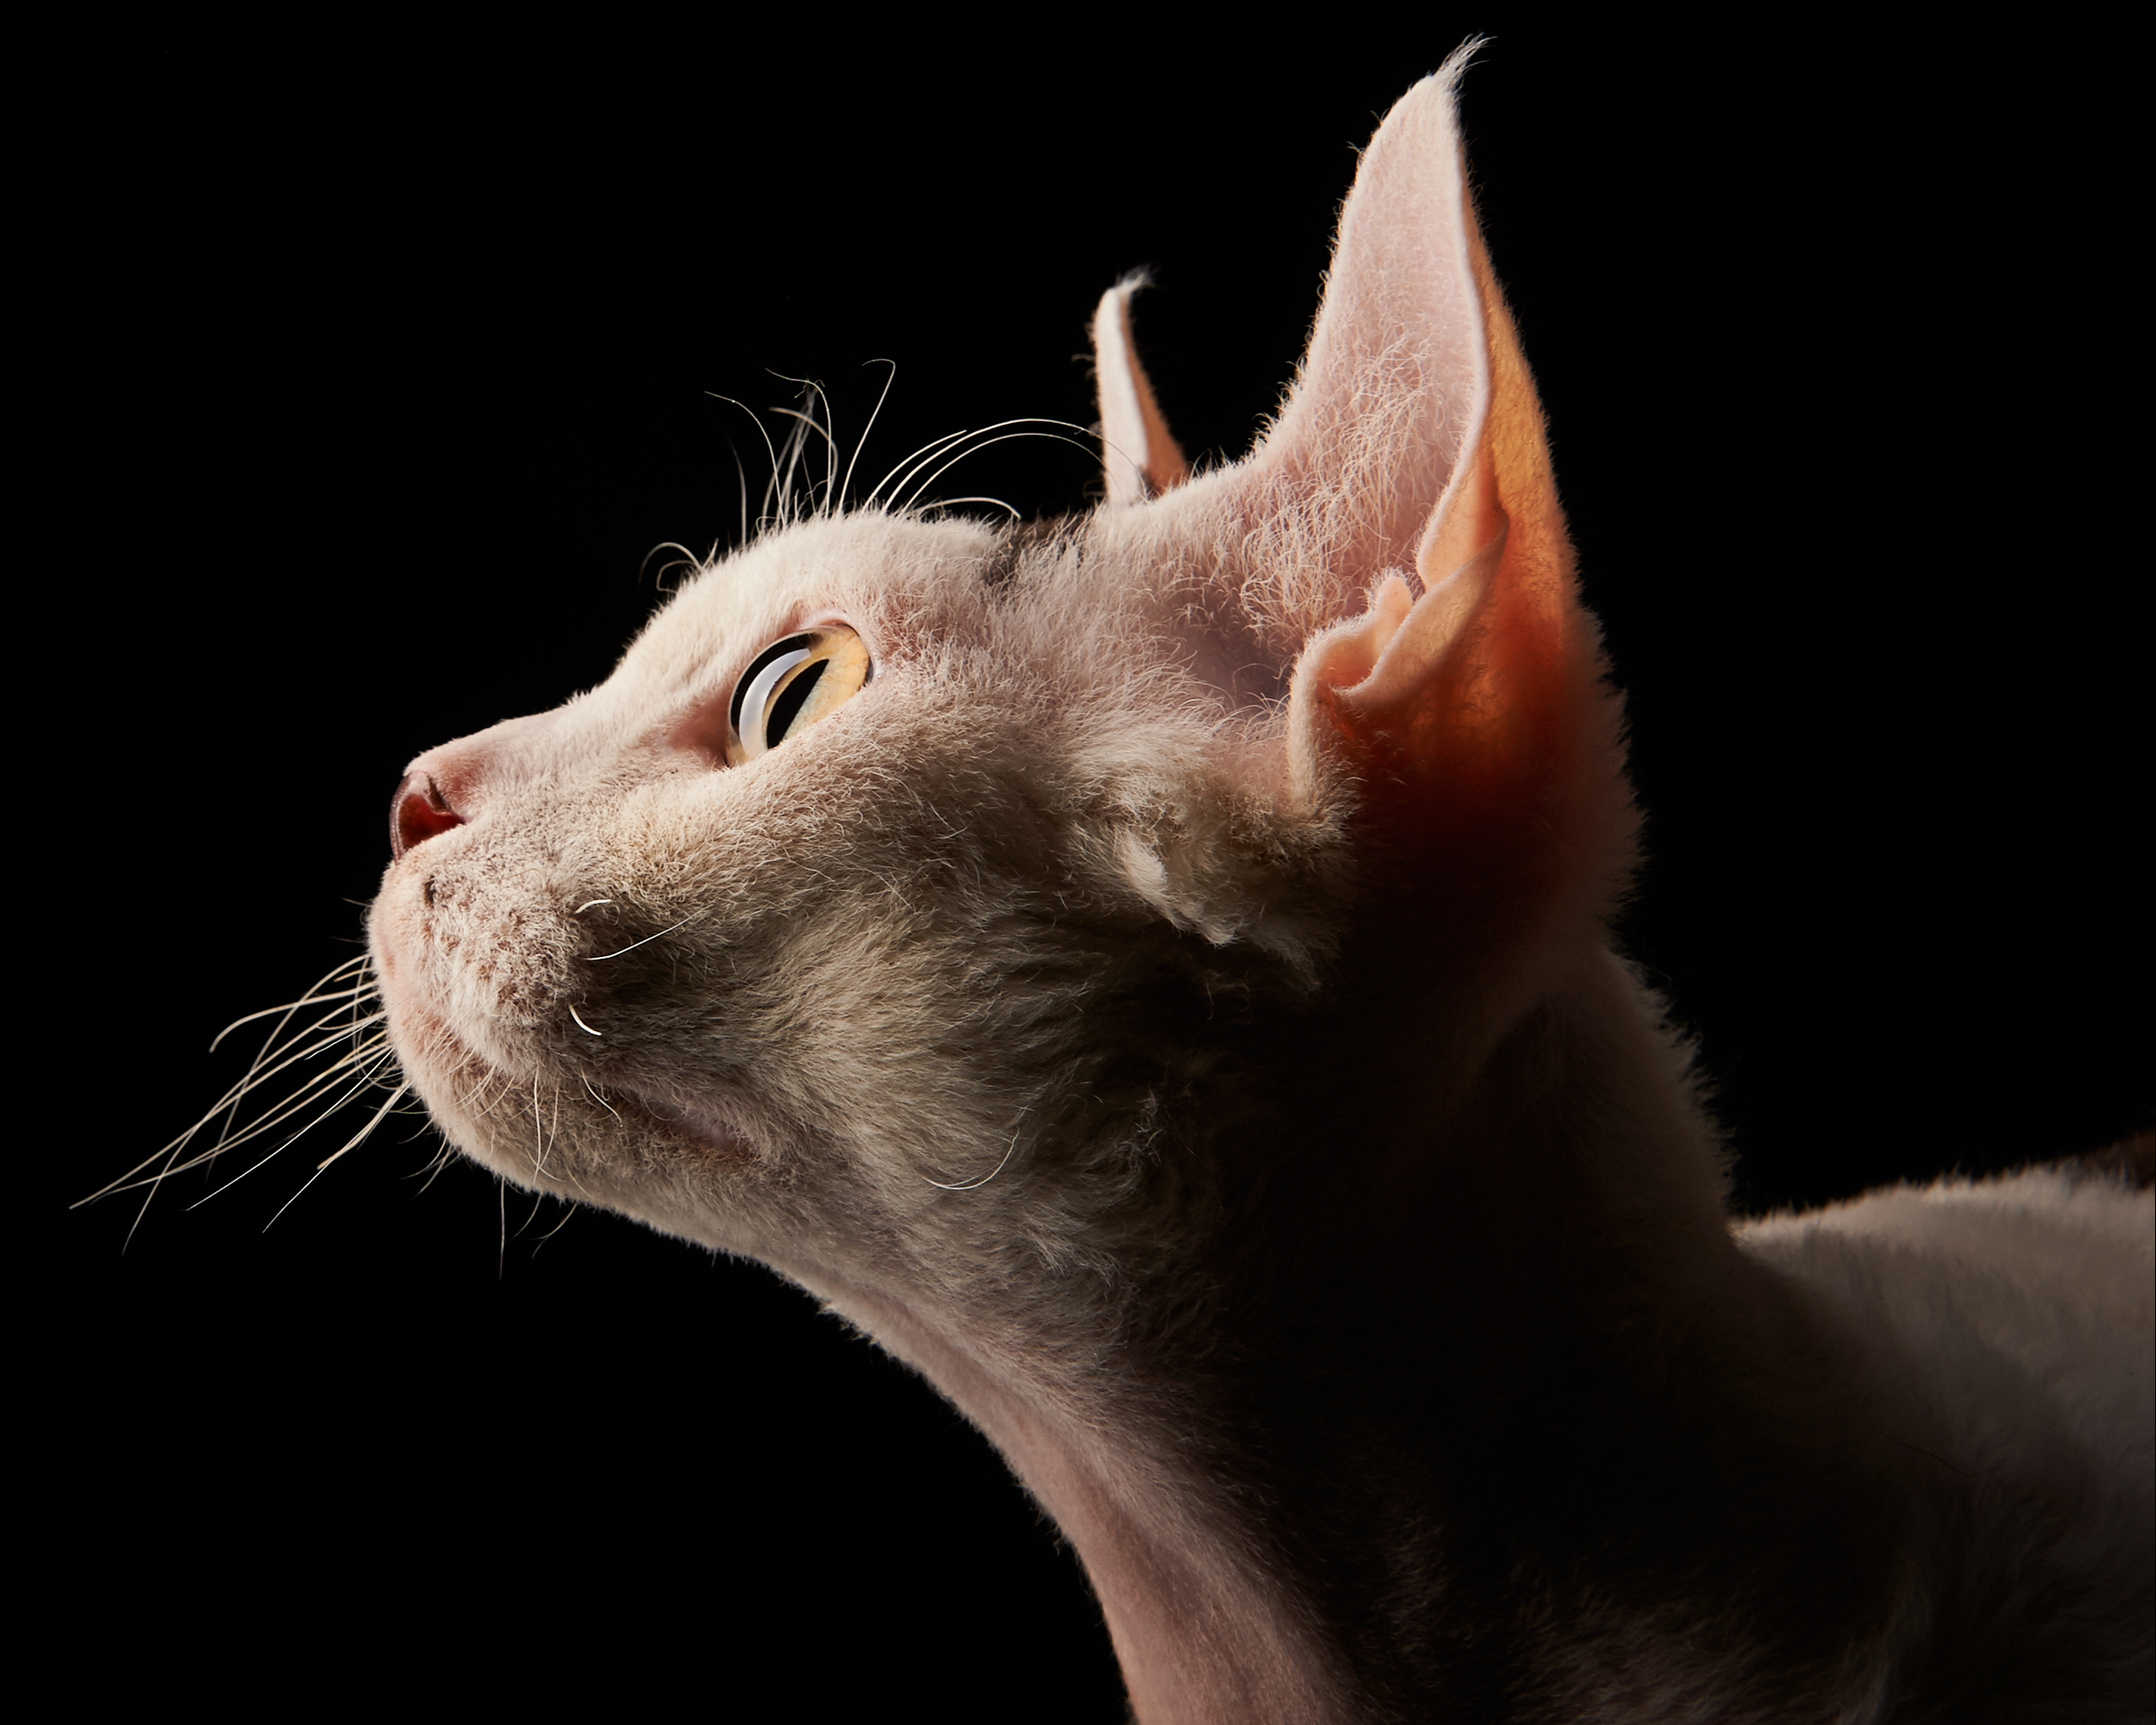 studio_cat_four_paws_portrait_pet_photography